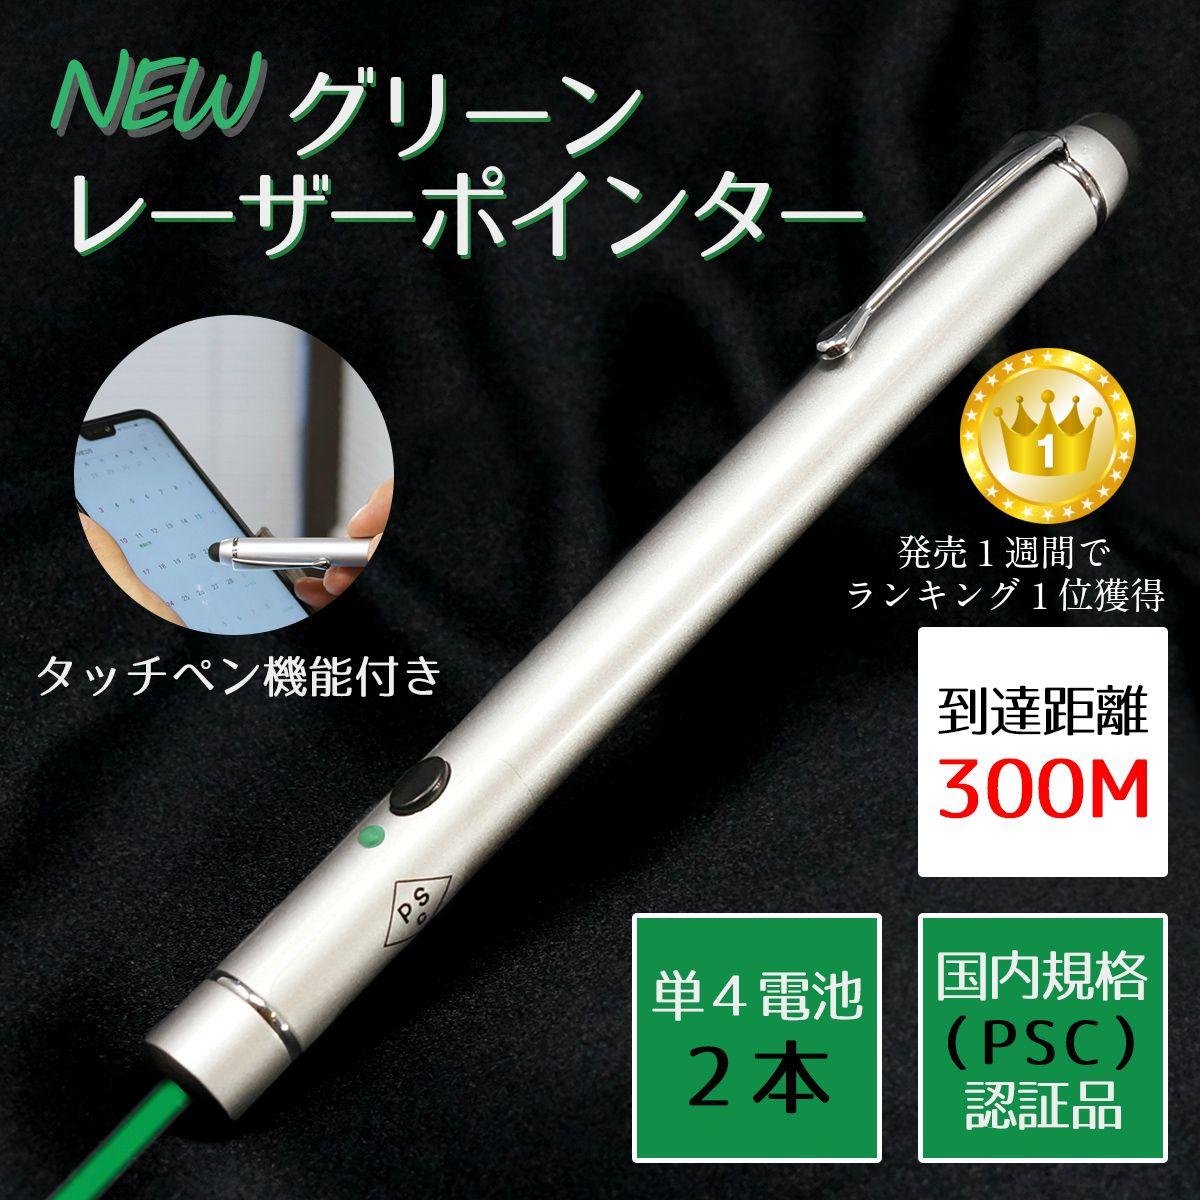 レーザーポインター グリーン 緑 タッチペン付 RB-18G 【1年間品質保証】 PSC 国内安全規格認証品 レーザー ポインター